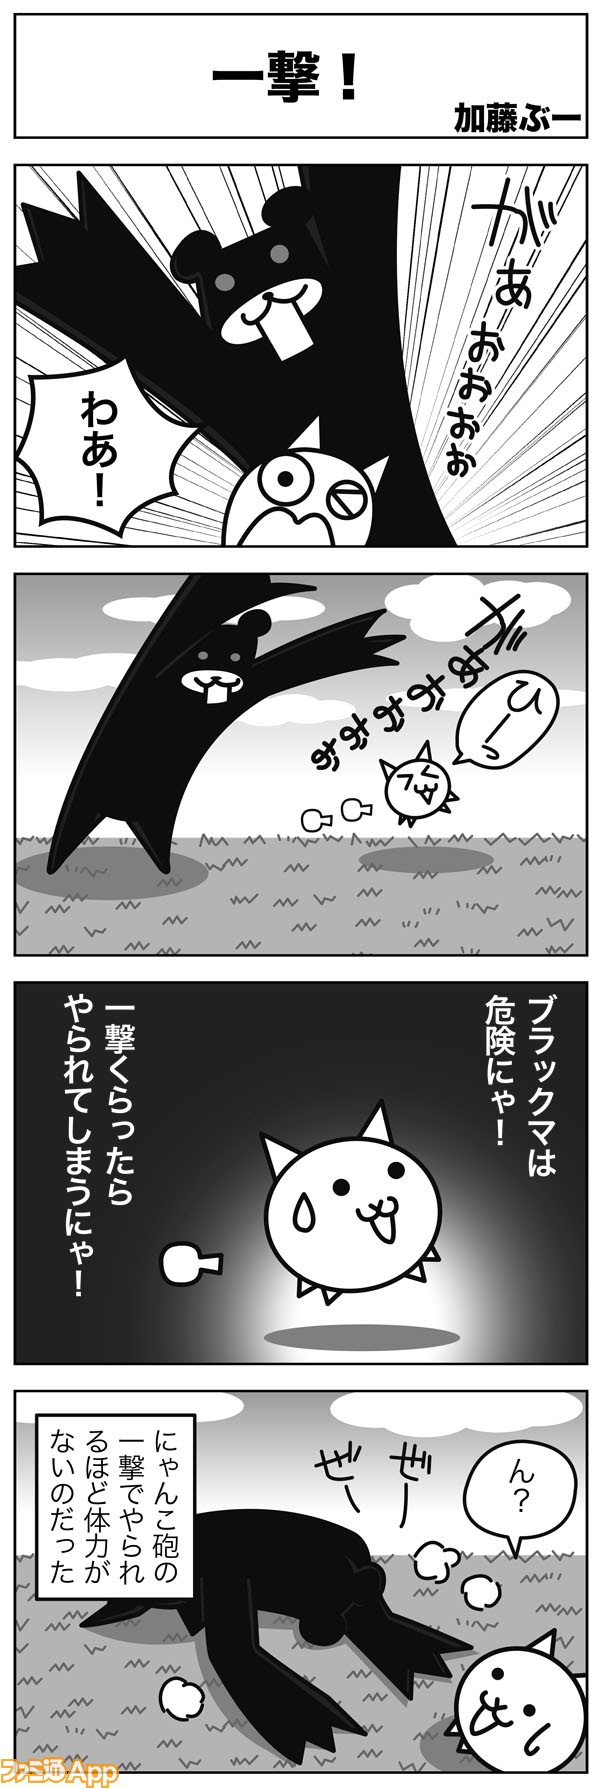 04kato_075